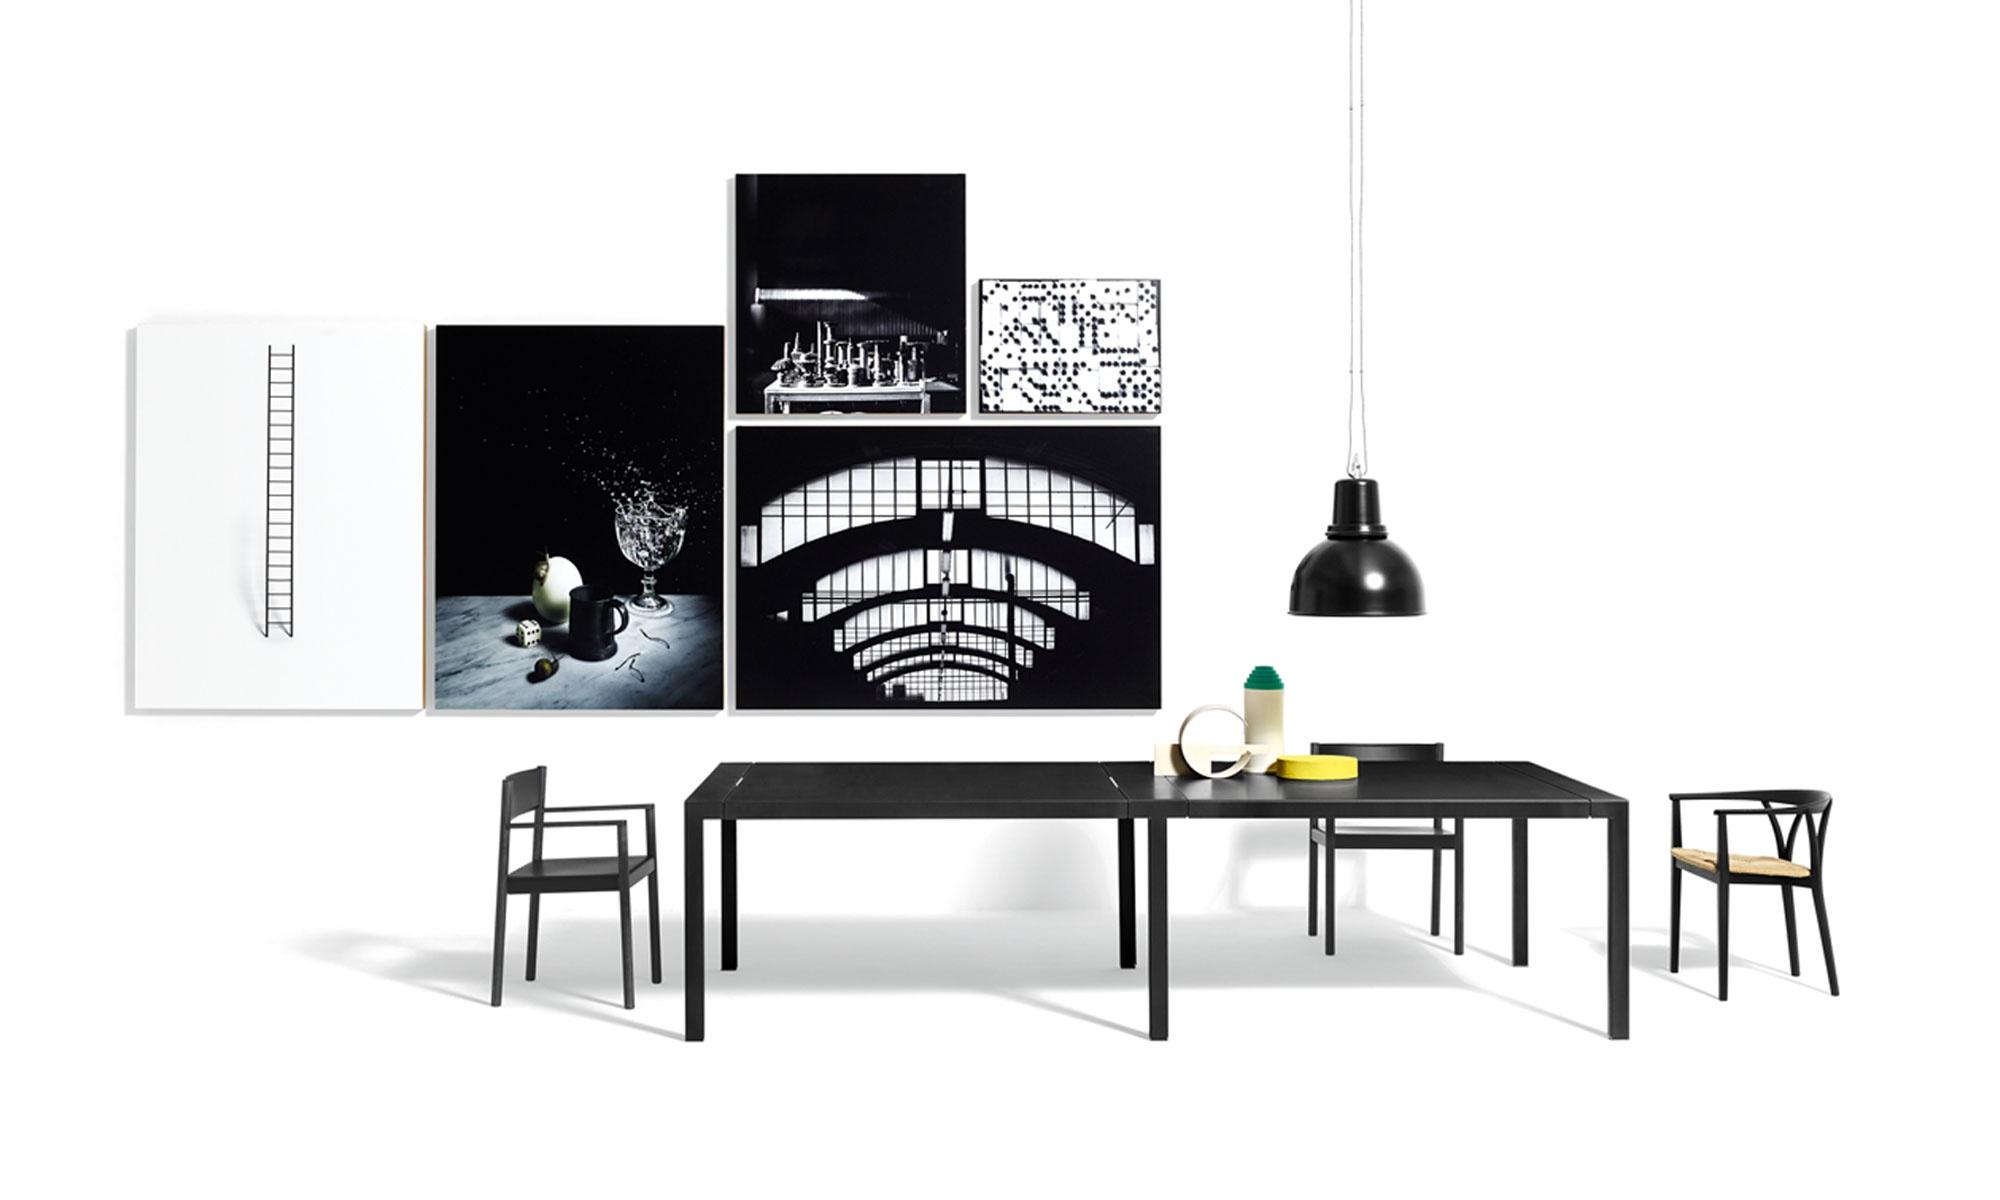 Opens Boffi & De Padova Studio Palermo - Design Diffusion